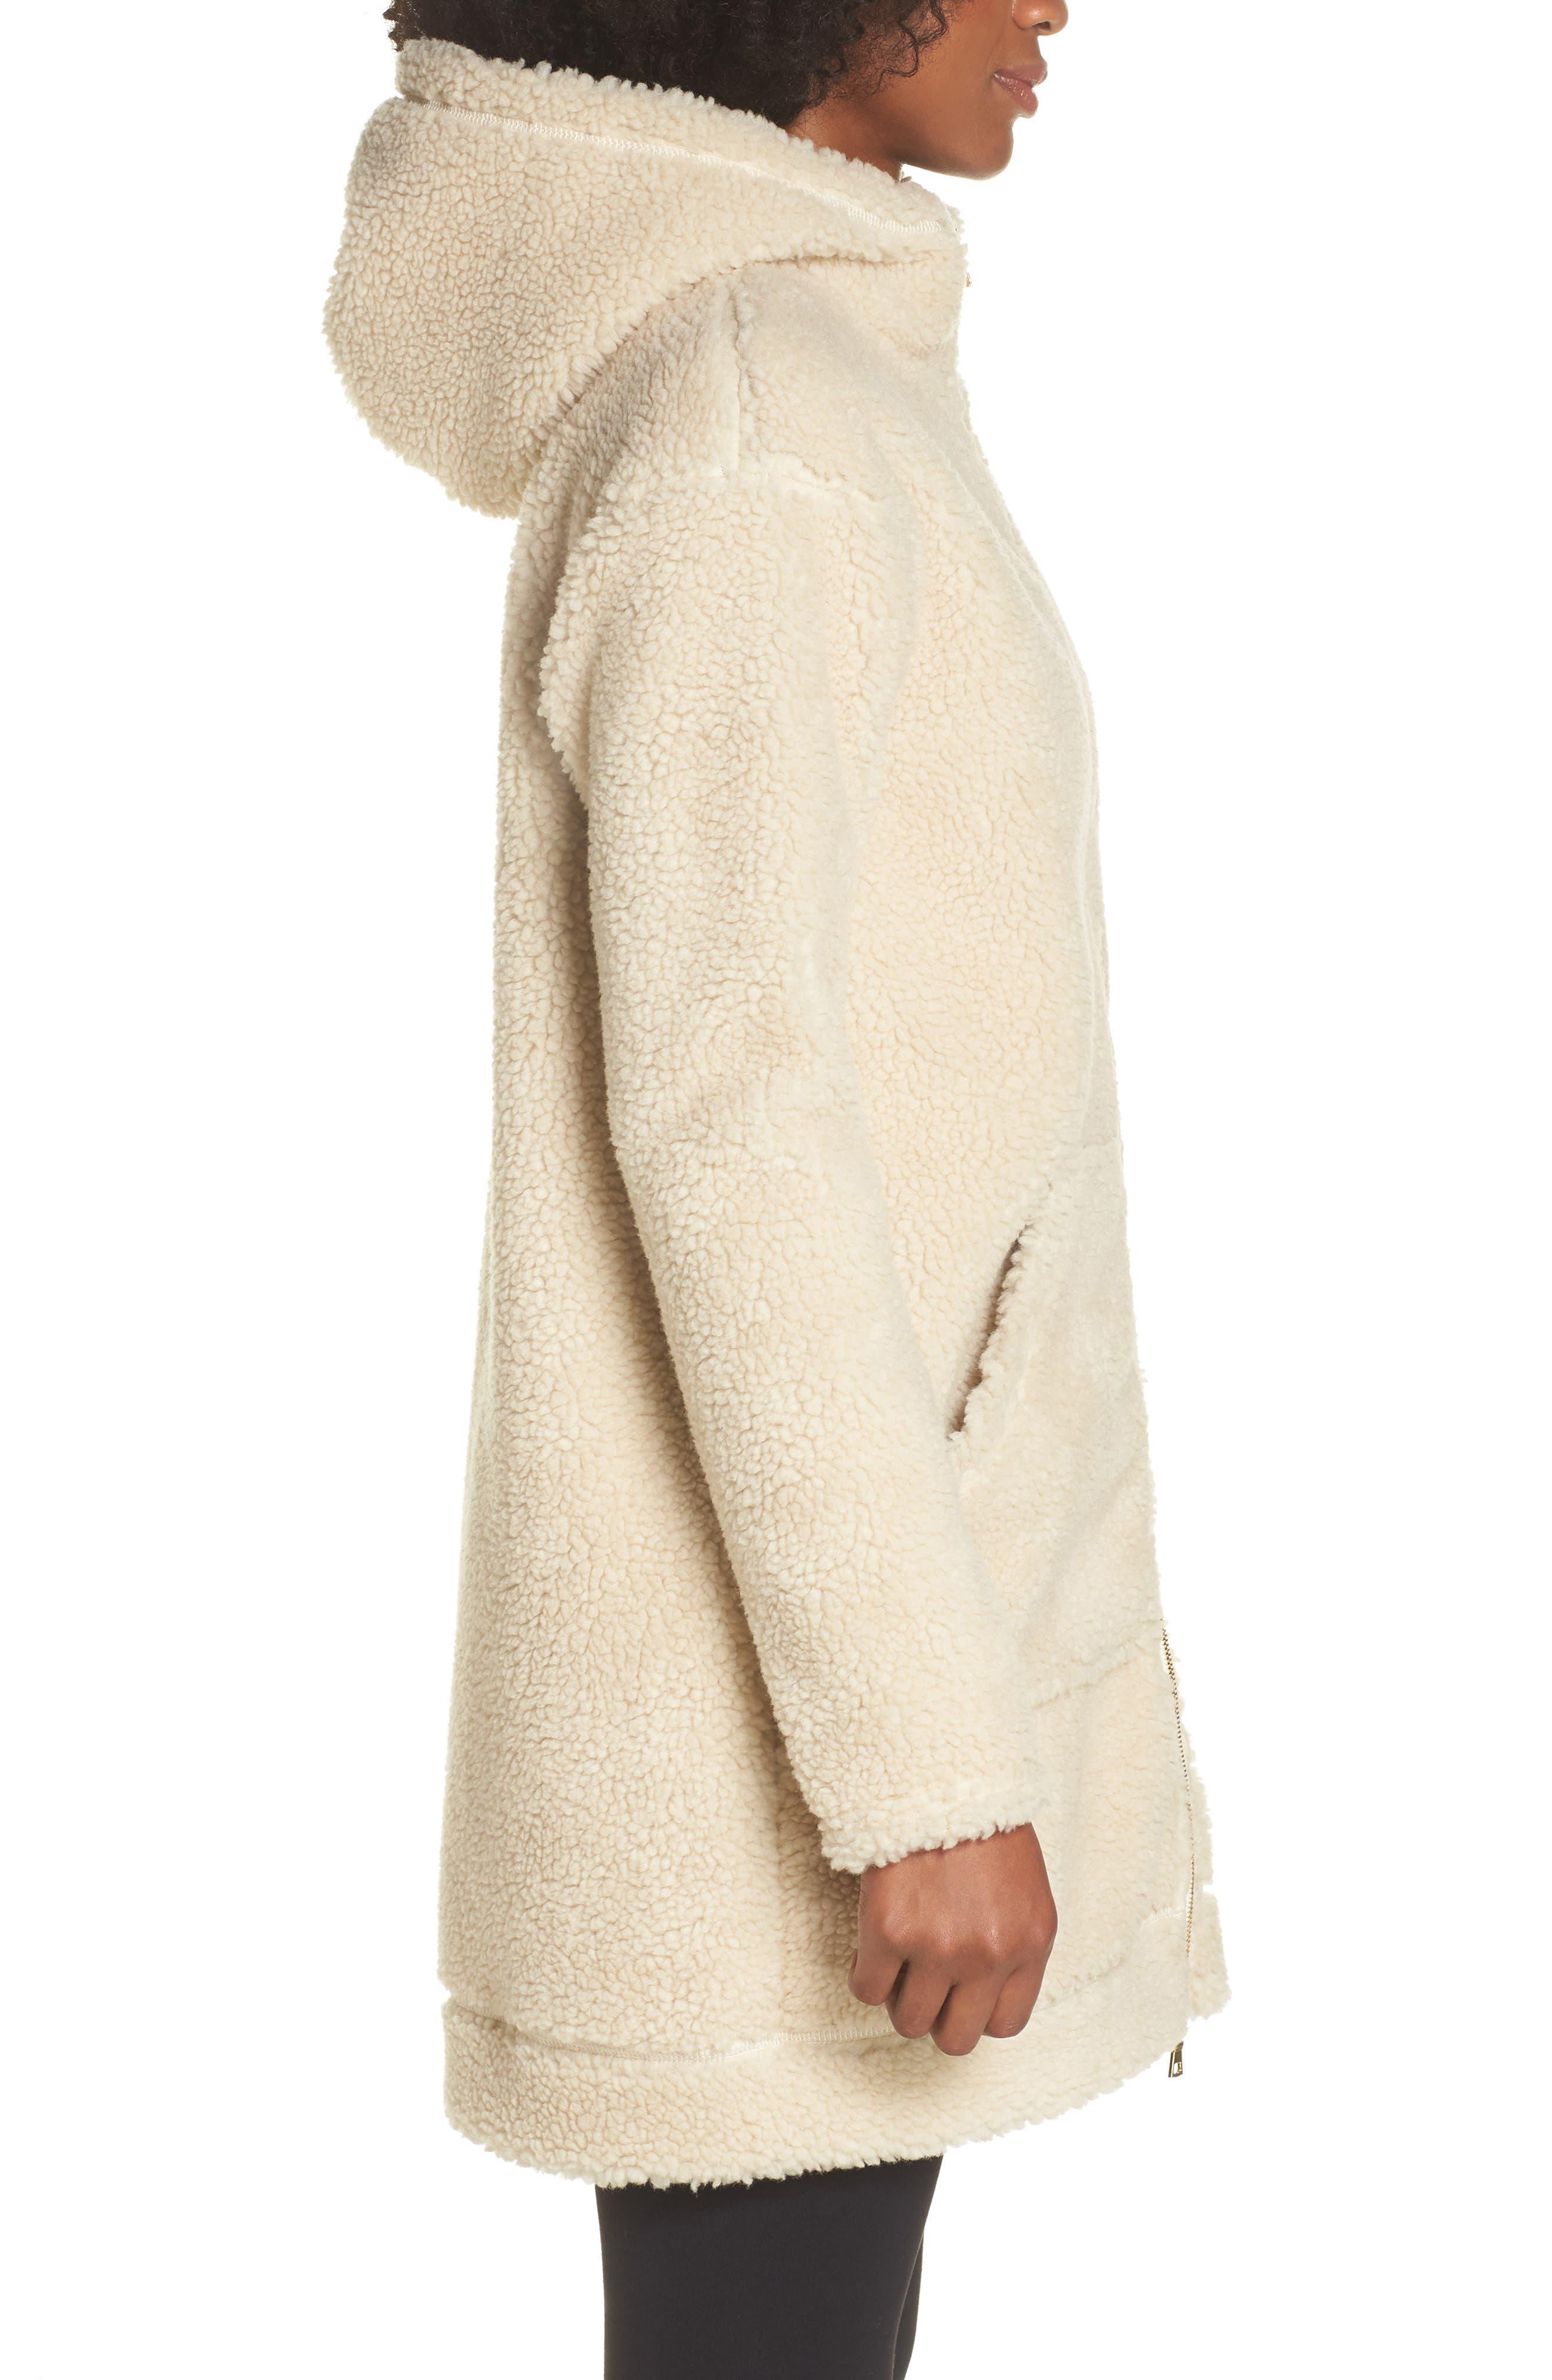 Brea Fleece Jacket,                             Alternate thumbnail 3, color,                             Natural